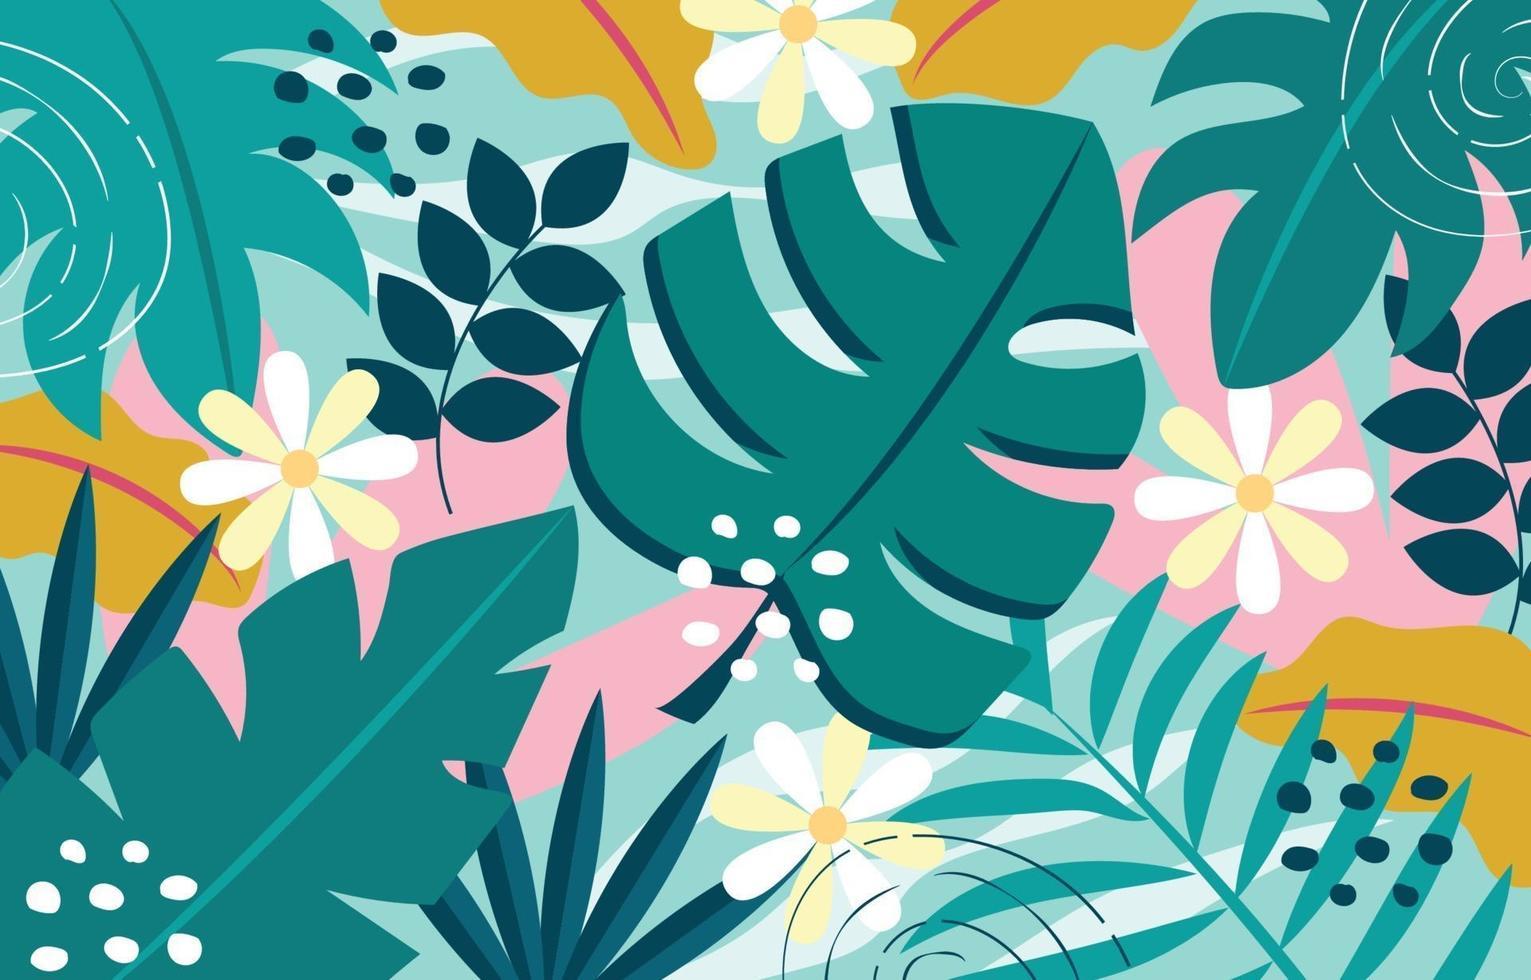 sfondo di fogliame tropicale vettore